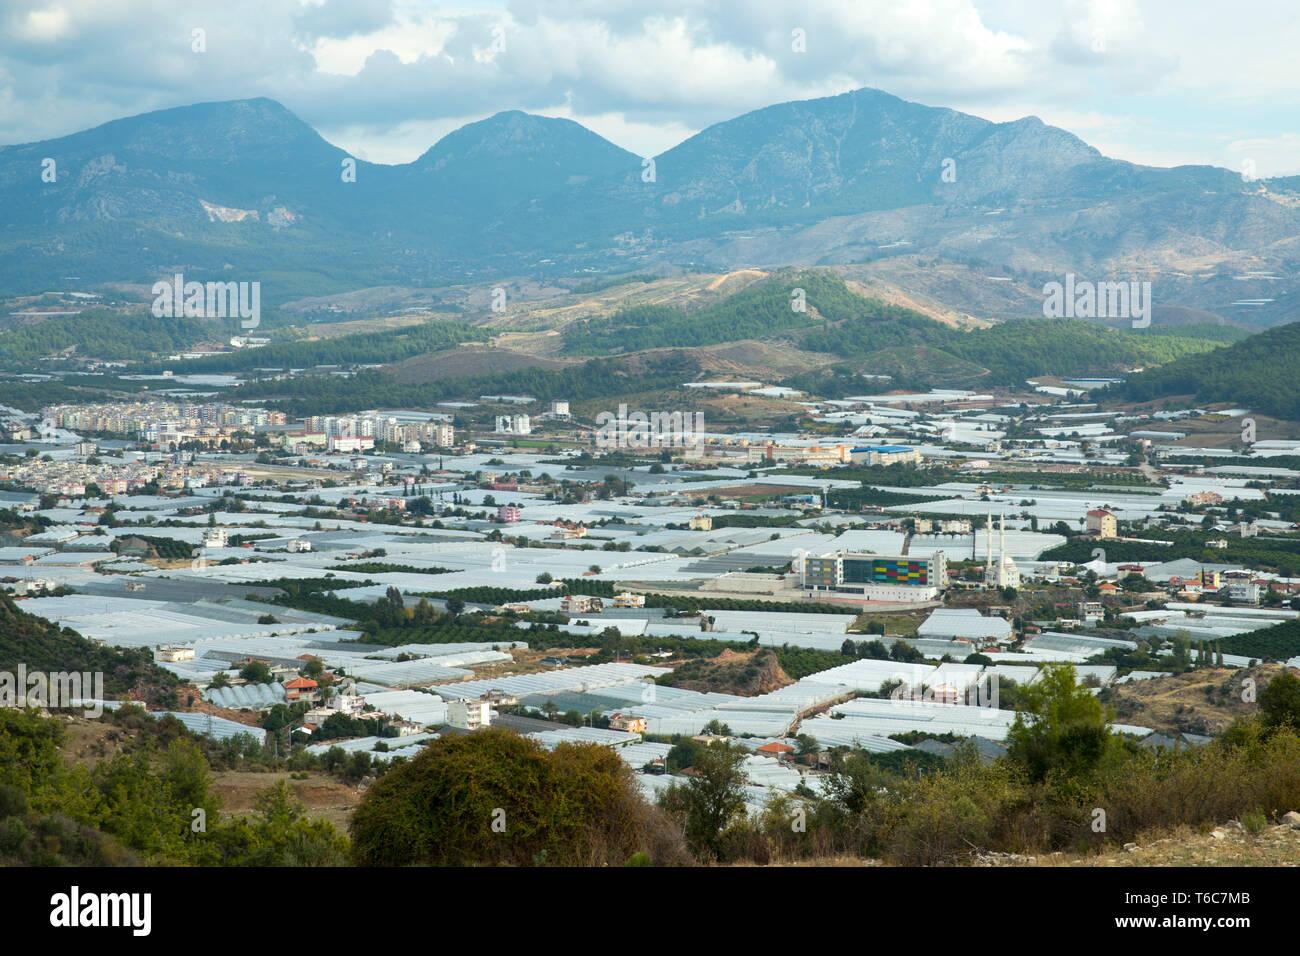 Asien, Türkei, Provinz Antalya, Kumluca, Blick über Glashäuser auf die Stadt - Stock Image